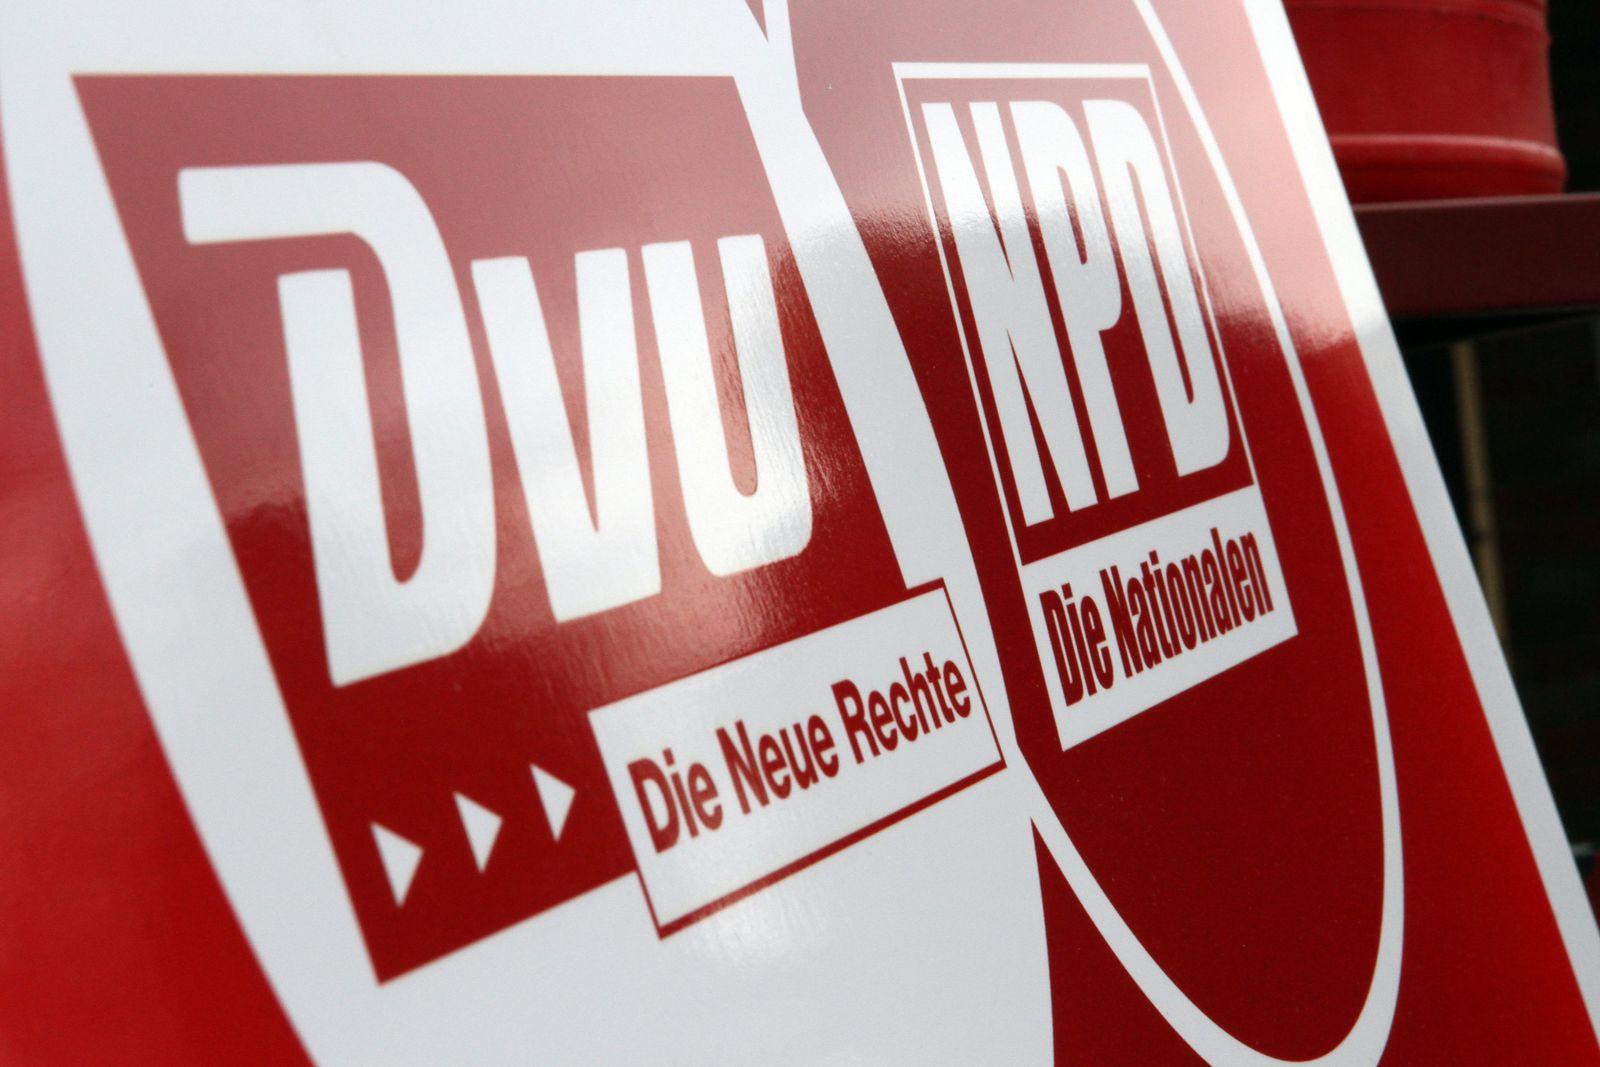 DVU NPD